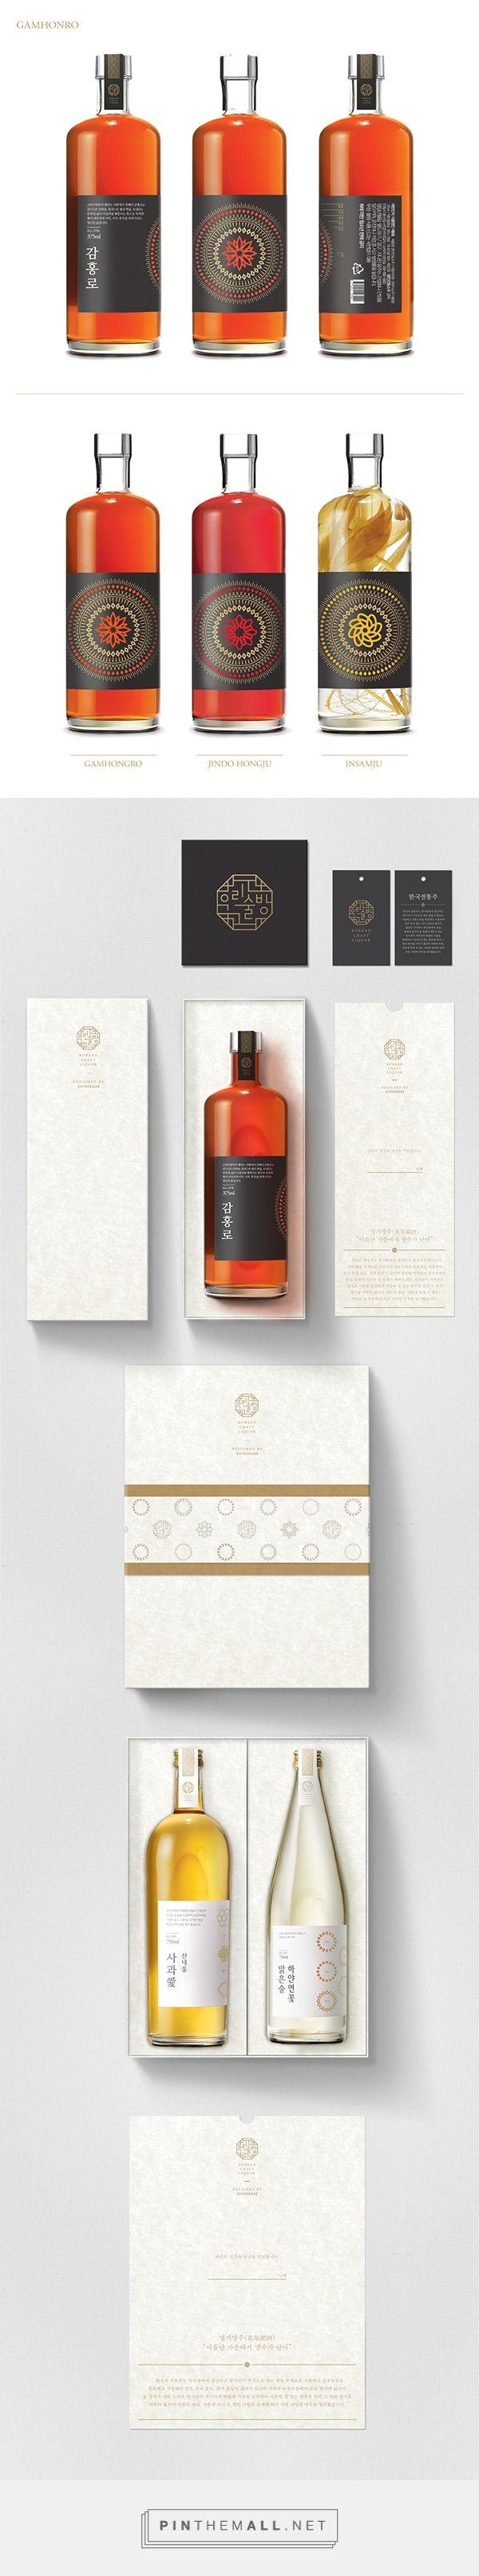 Graphic Design Korean Craft Liquor Bottle